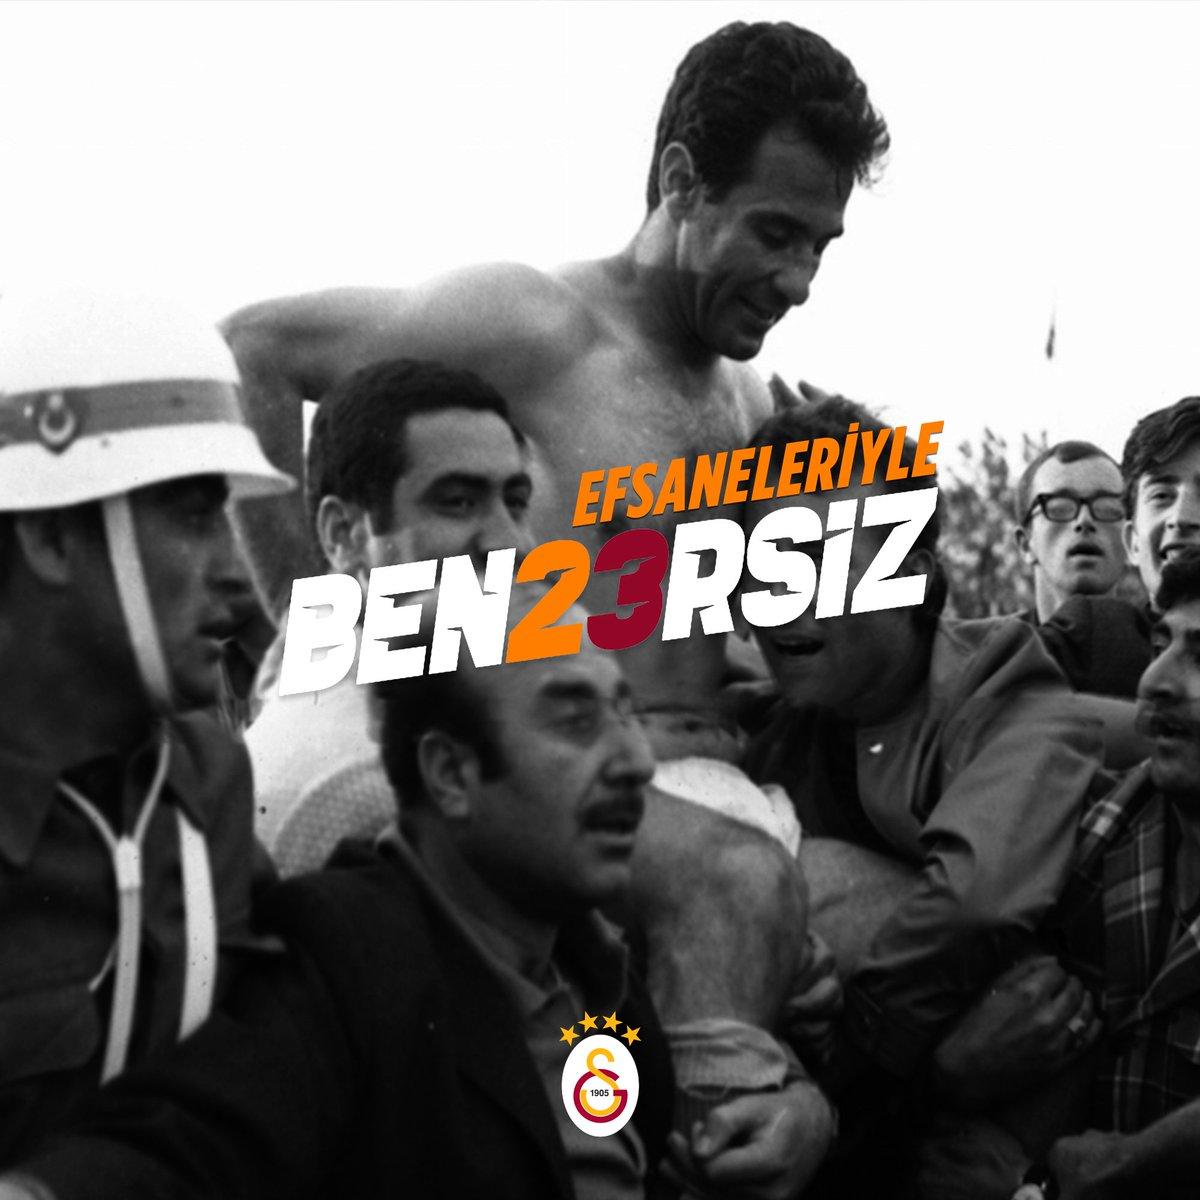 Efsaneleriyle #BEN23RSİZ!